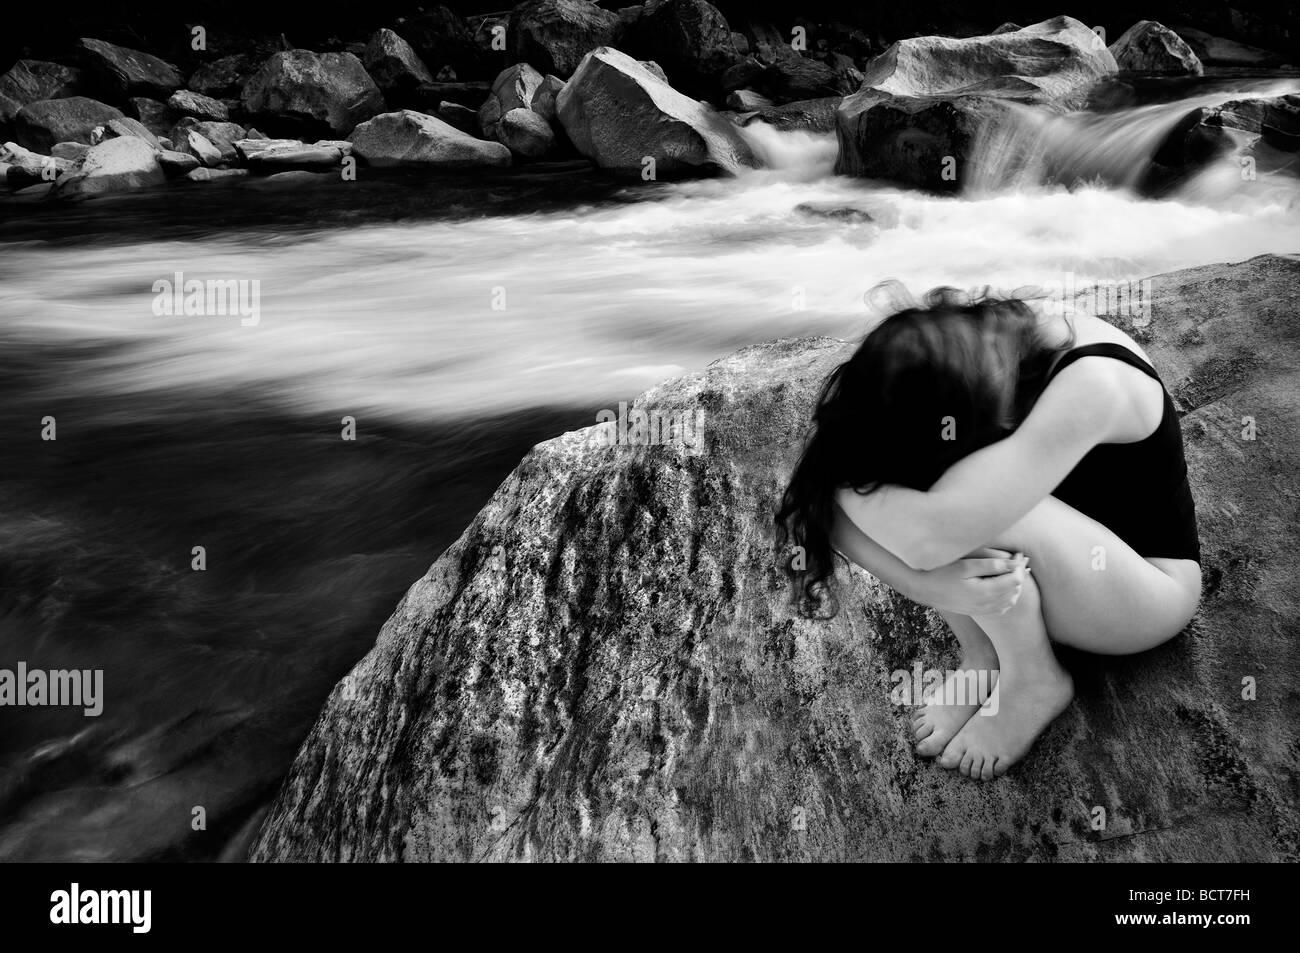 Jeune fille près d'une rivière Banque D'Images